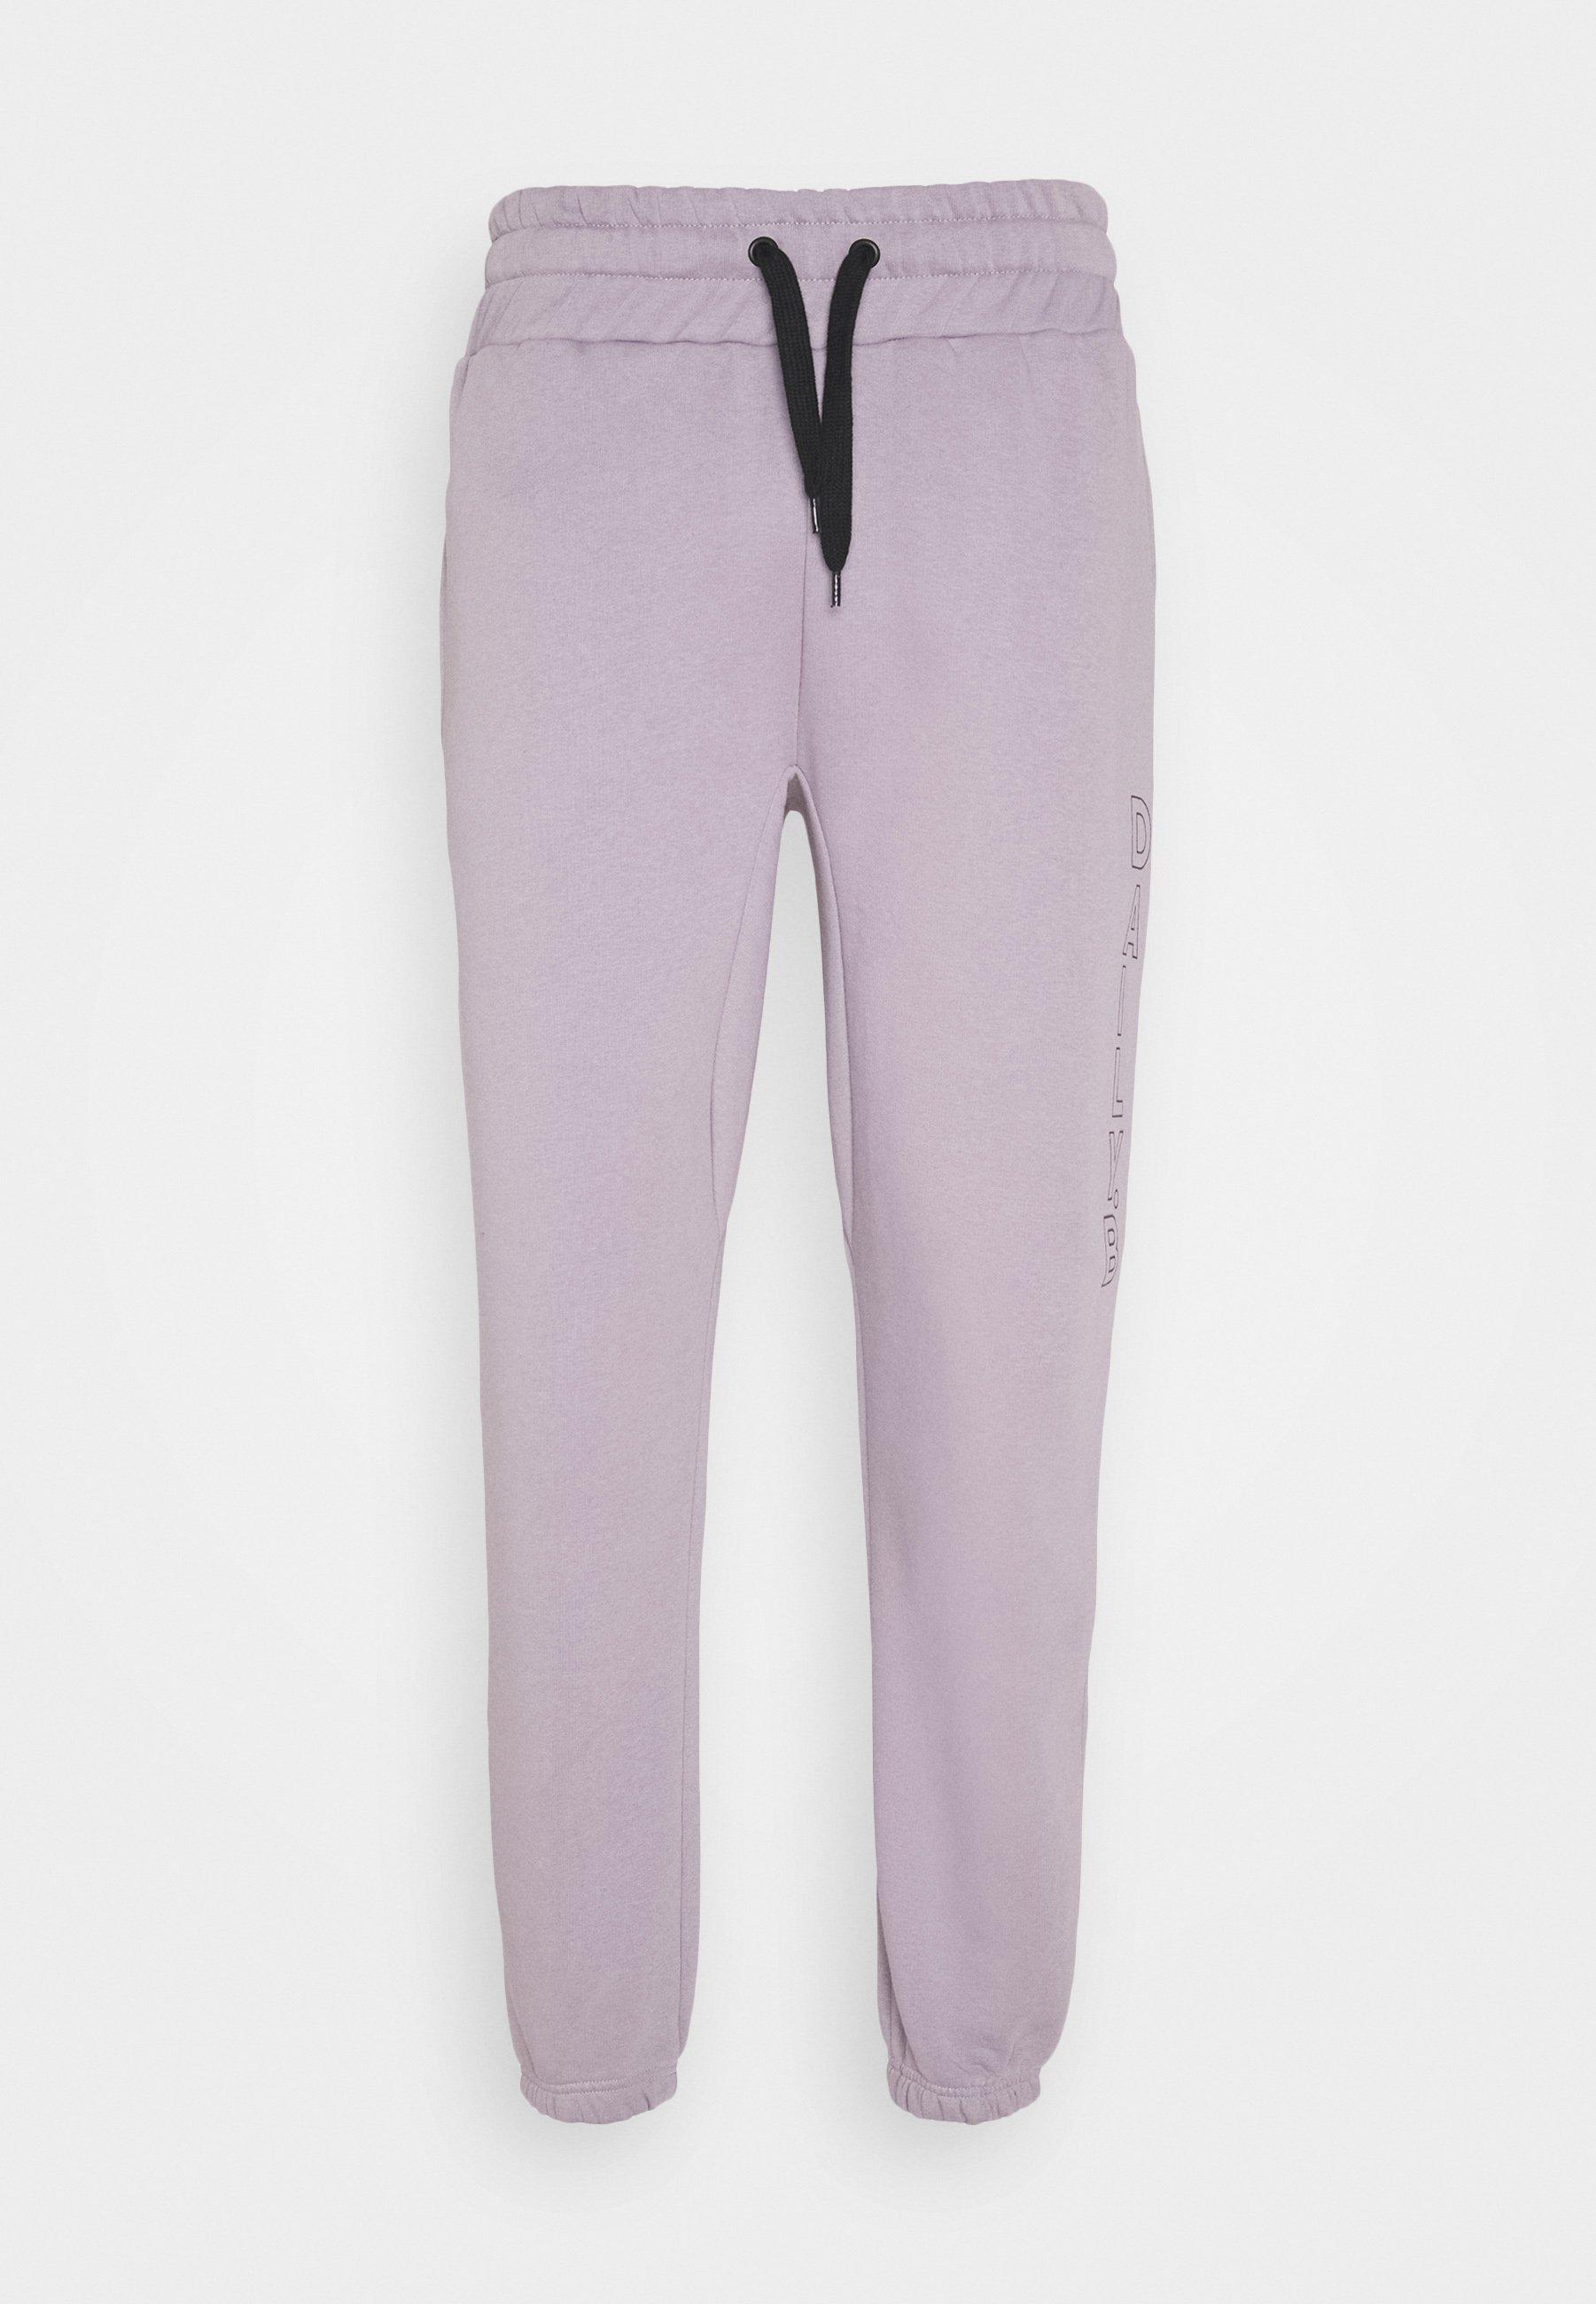 OUTLINE Pantalon de survêtement lilac